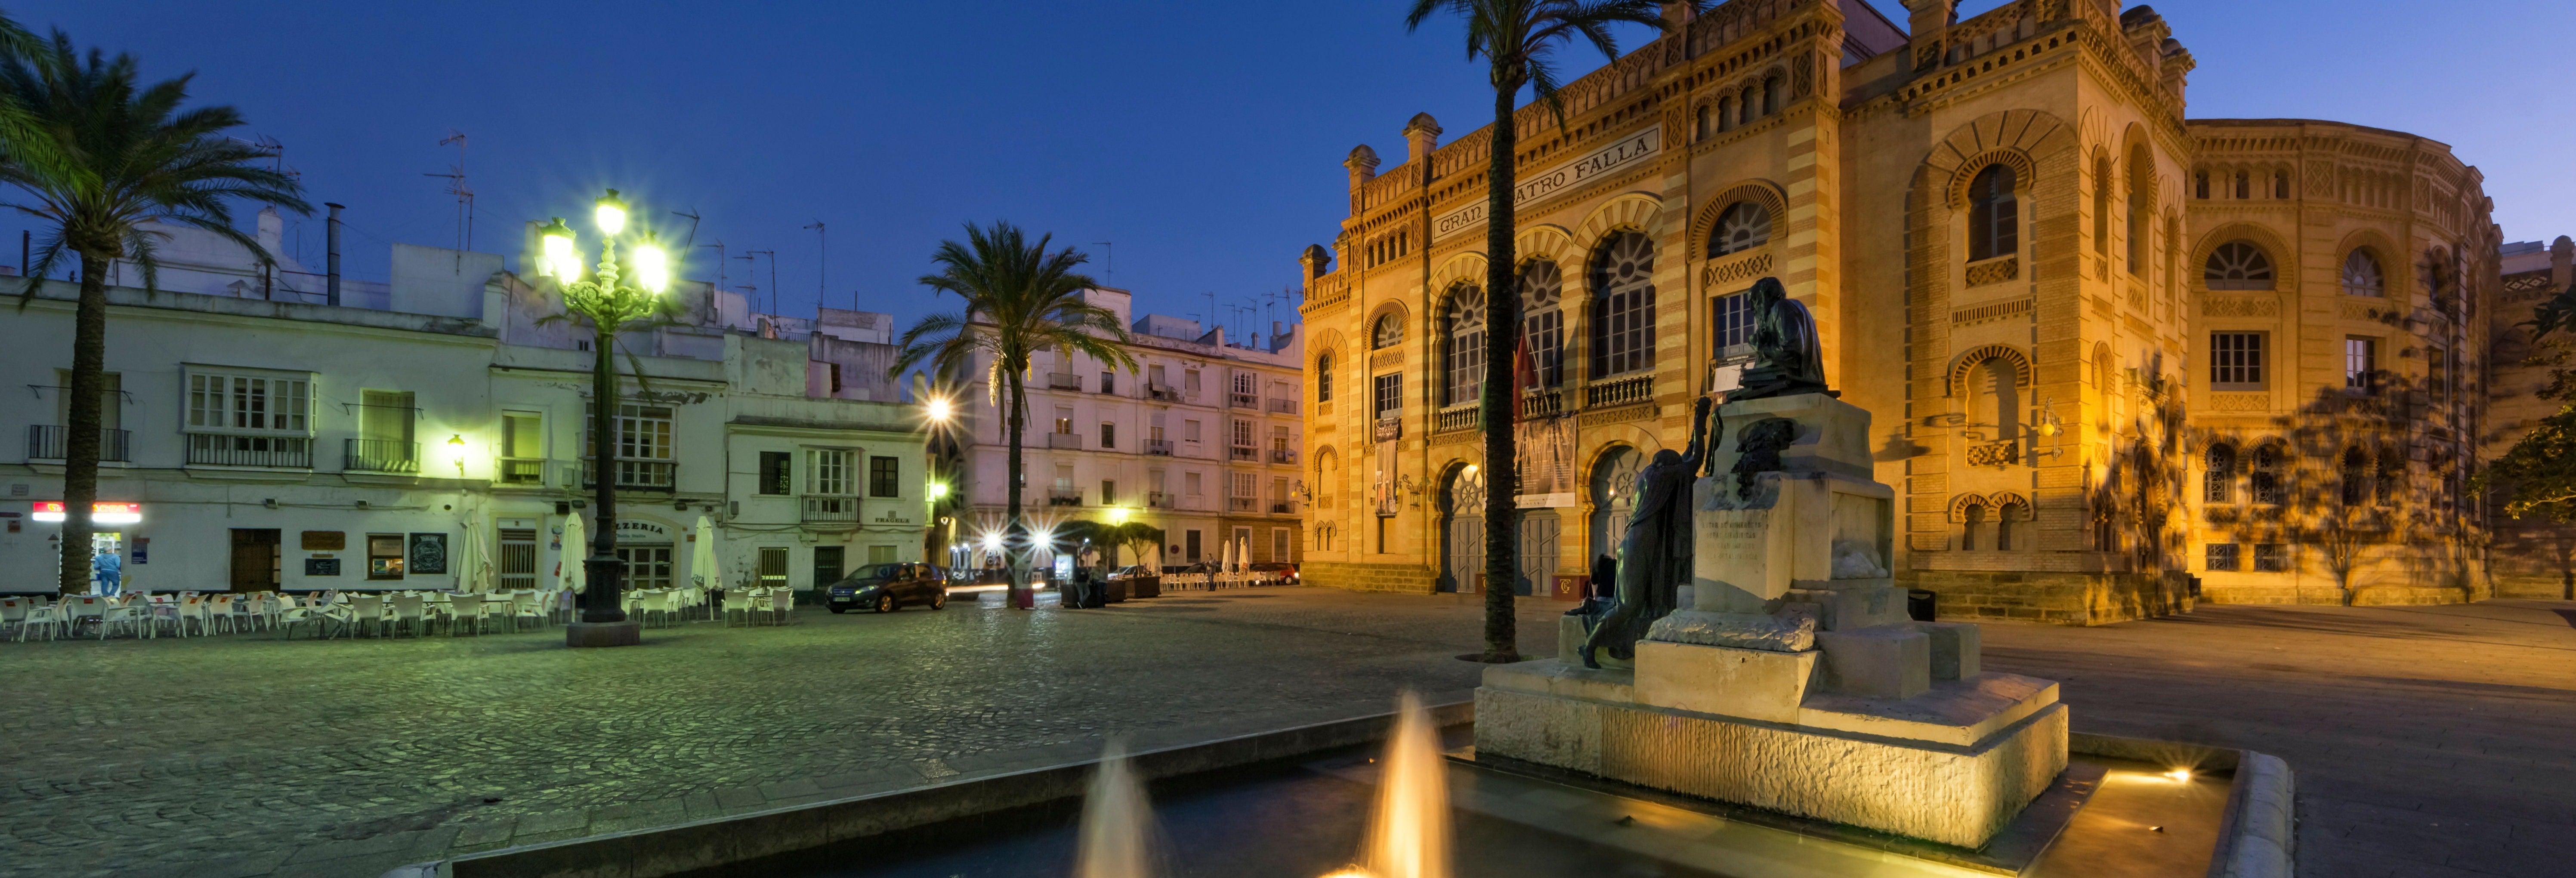 Free tour nocturno por Cádiz